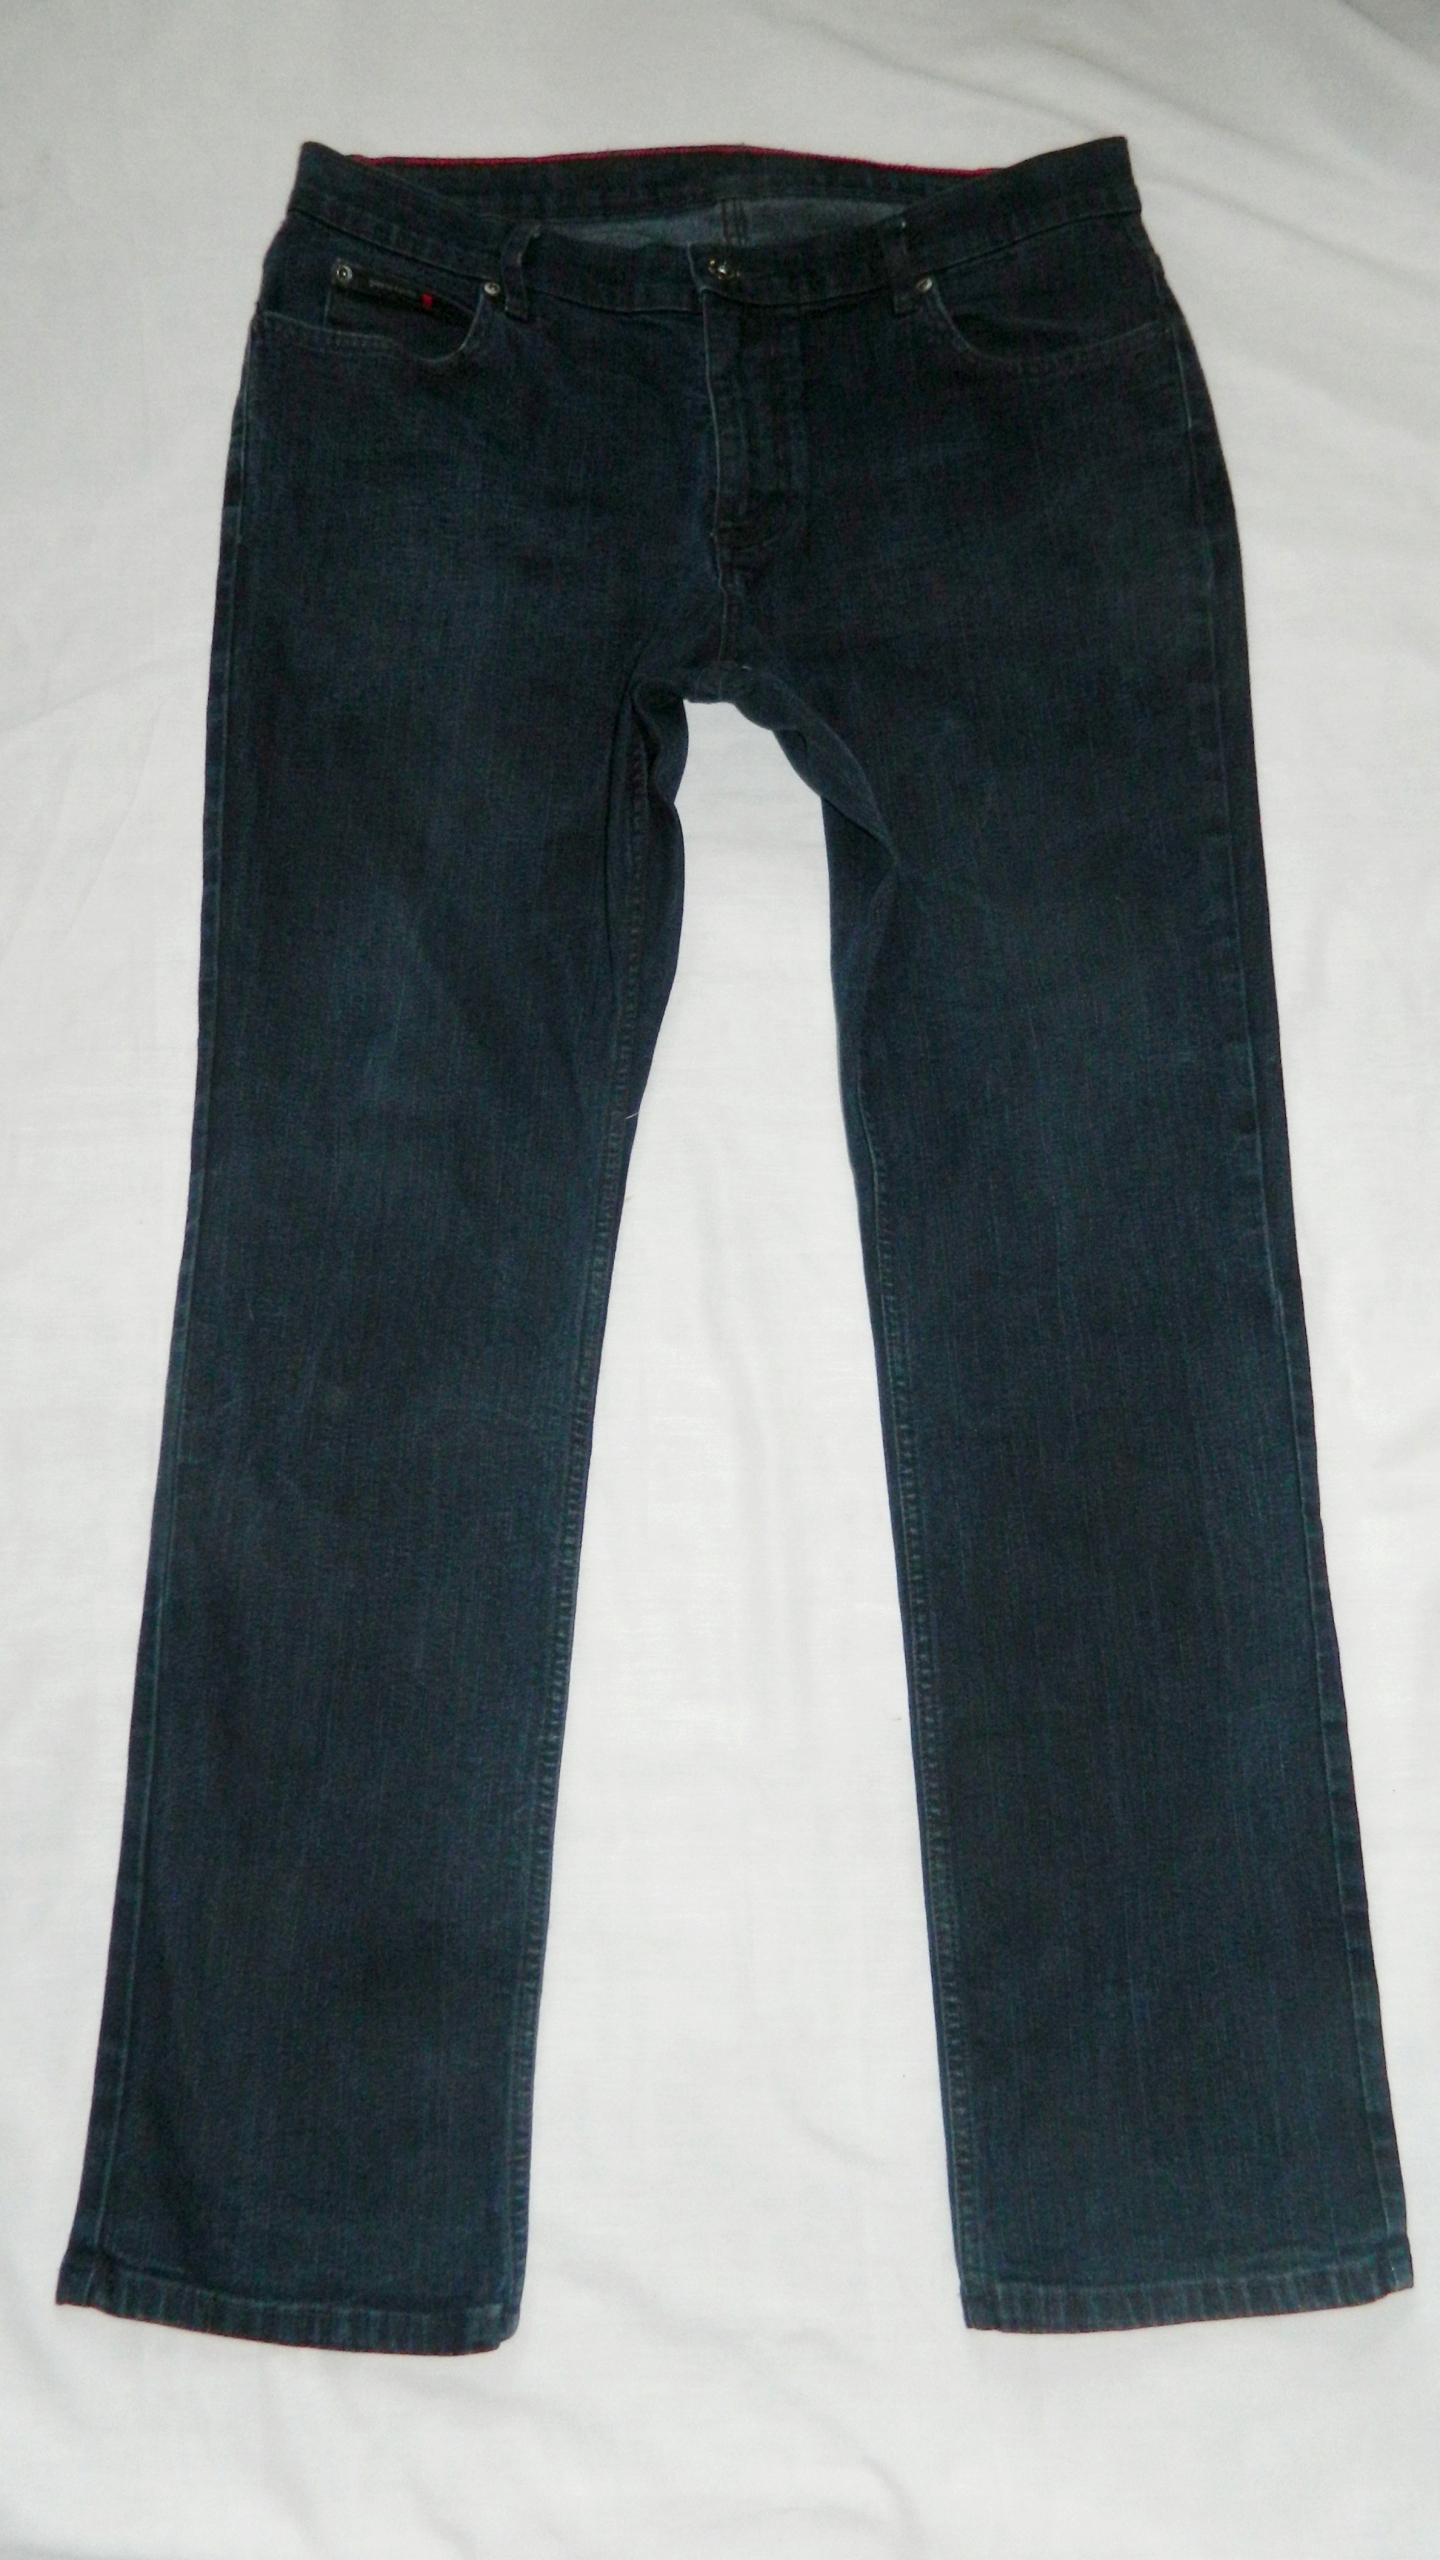 PIERRE CARDIN jeans męskie spodnie W38 L32